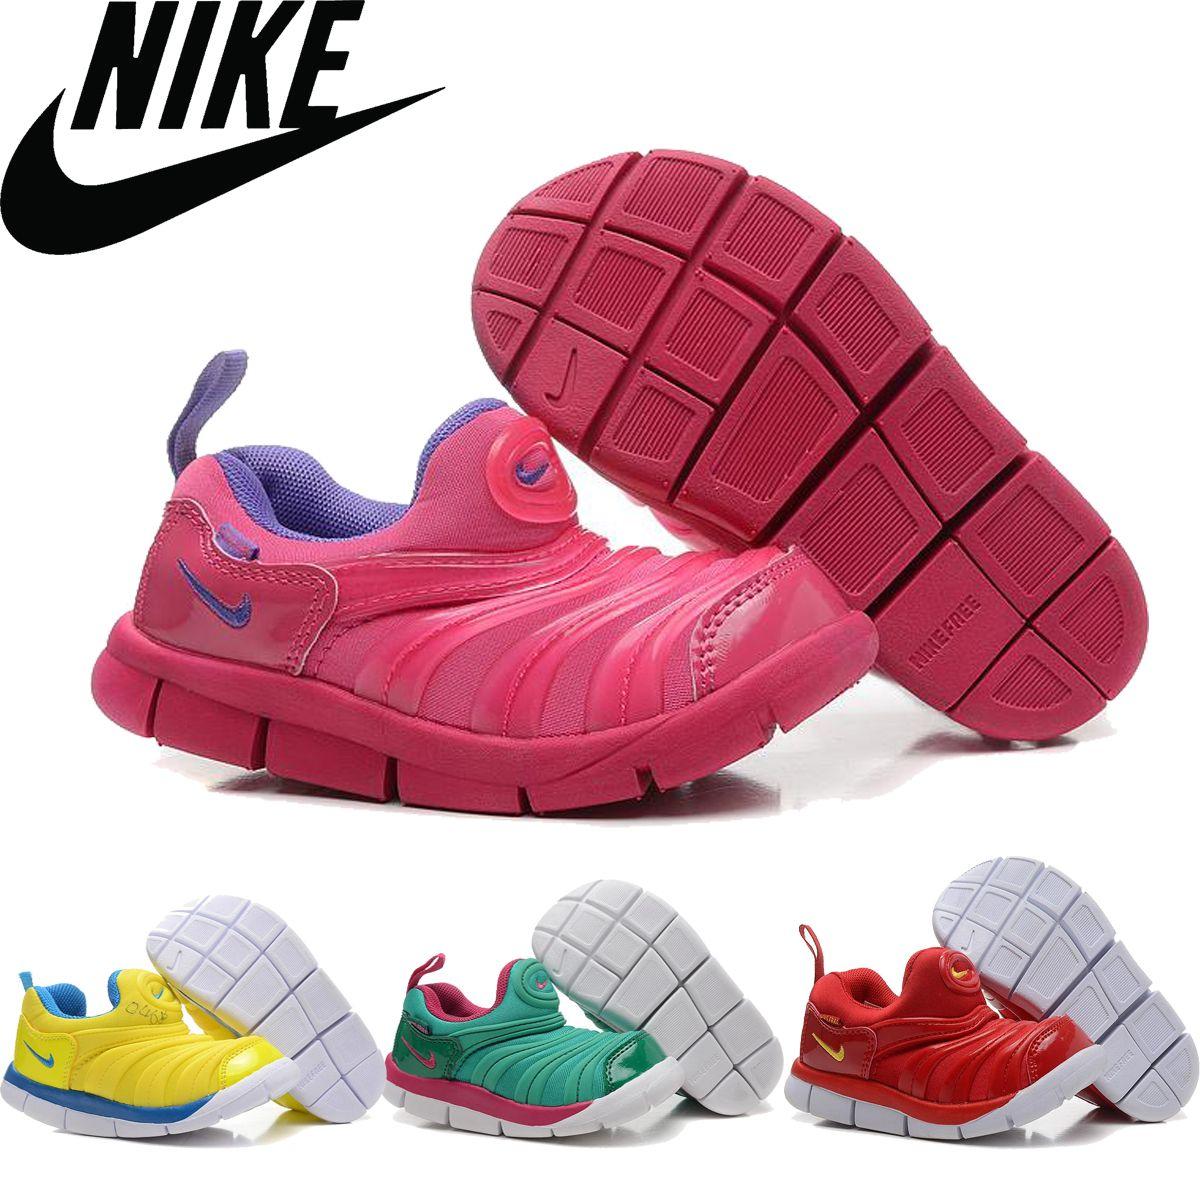 Nike Shoes For Girls 2016 thehoney bimaging